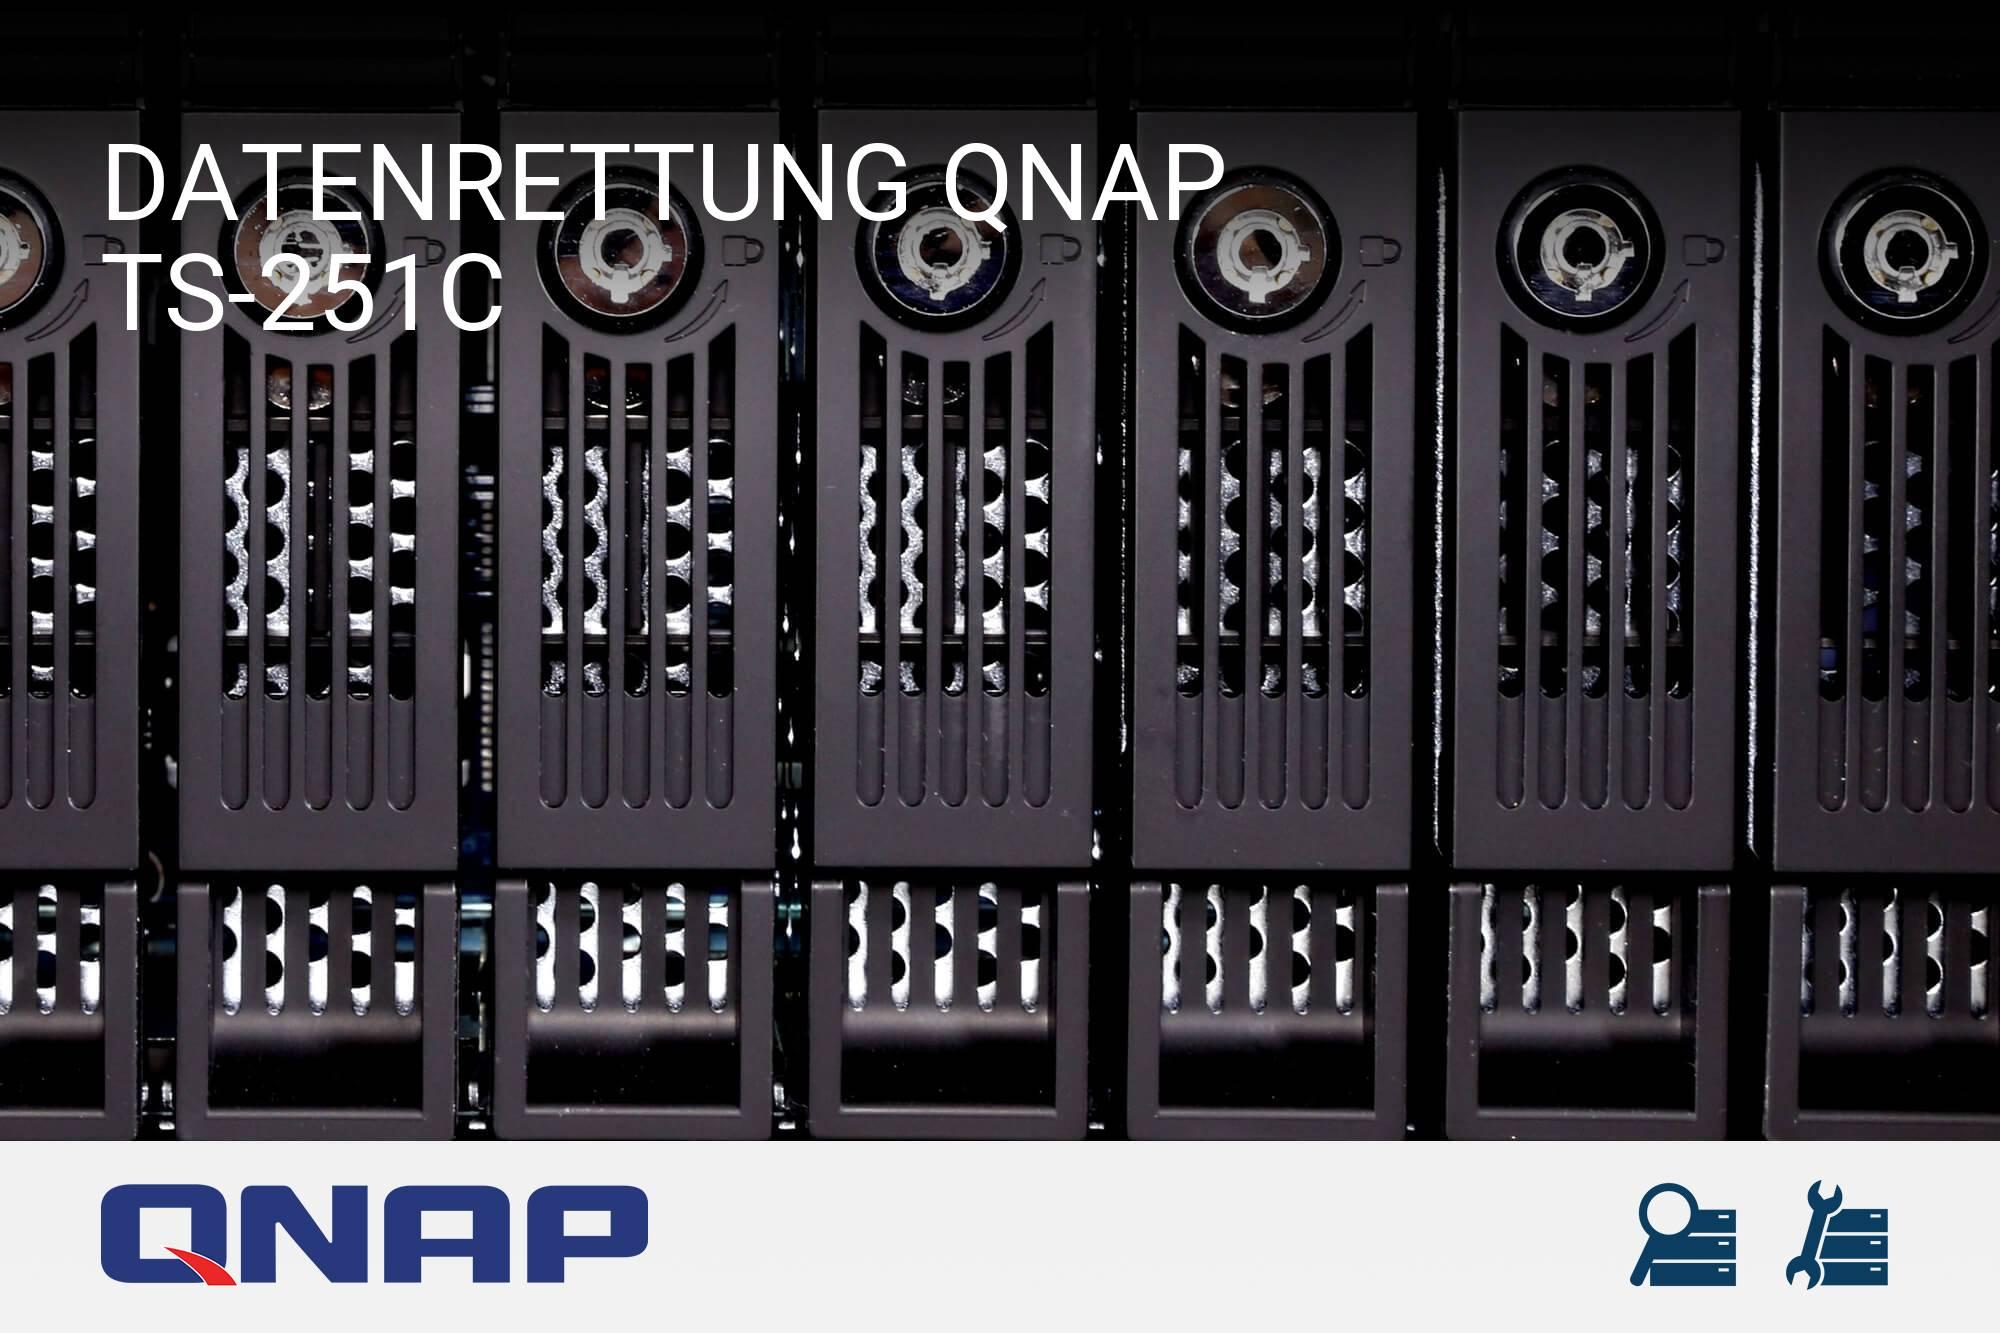 QNAP TS-251C